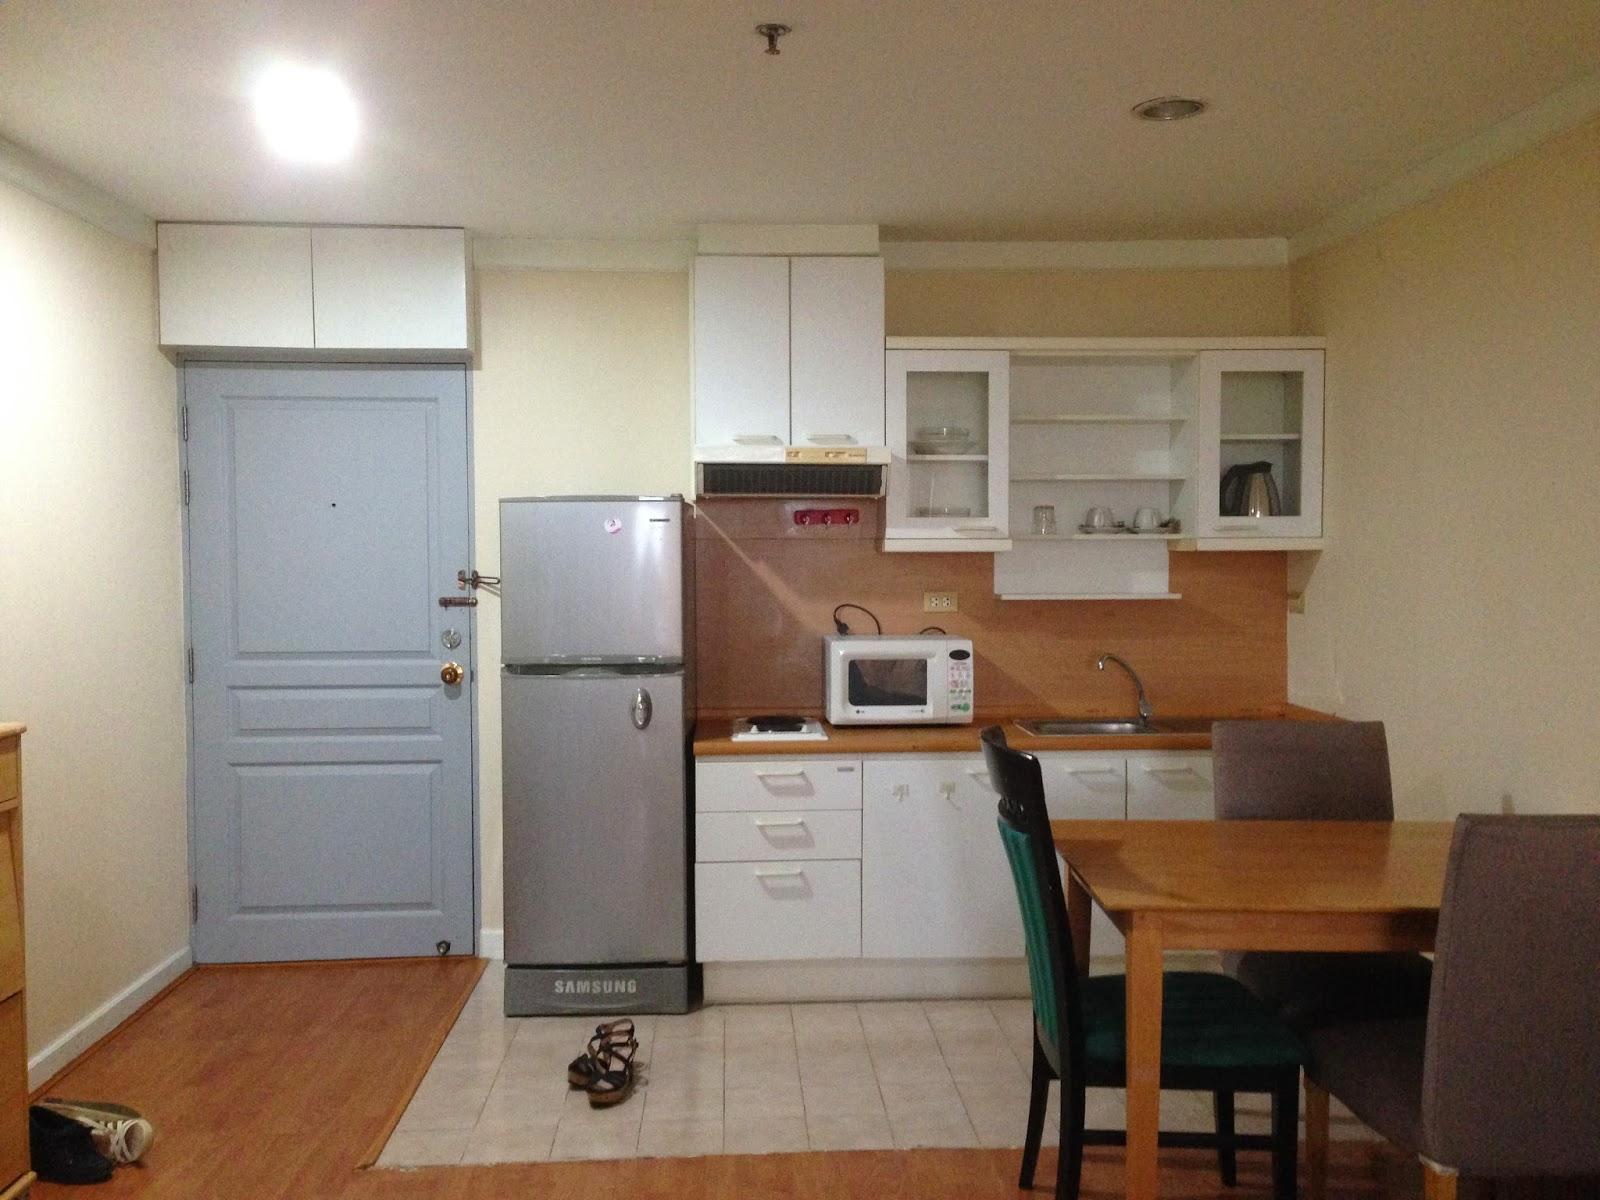 Waterford Diamond Tower 2-bedroom junior suite